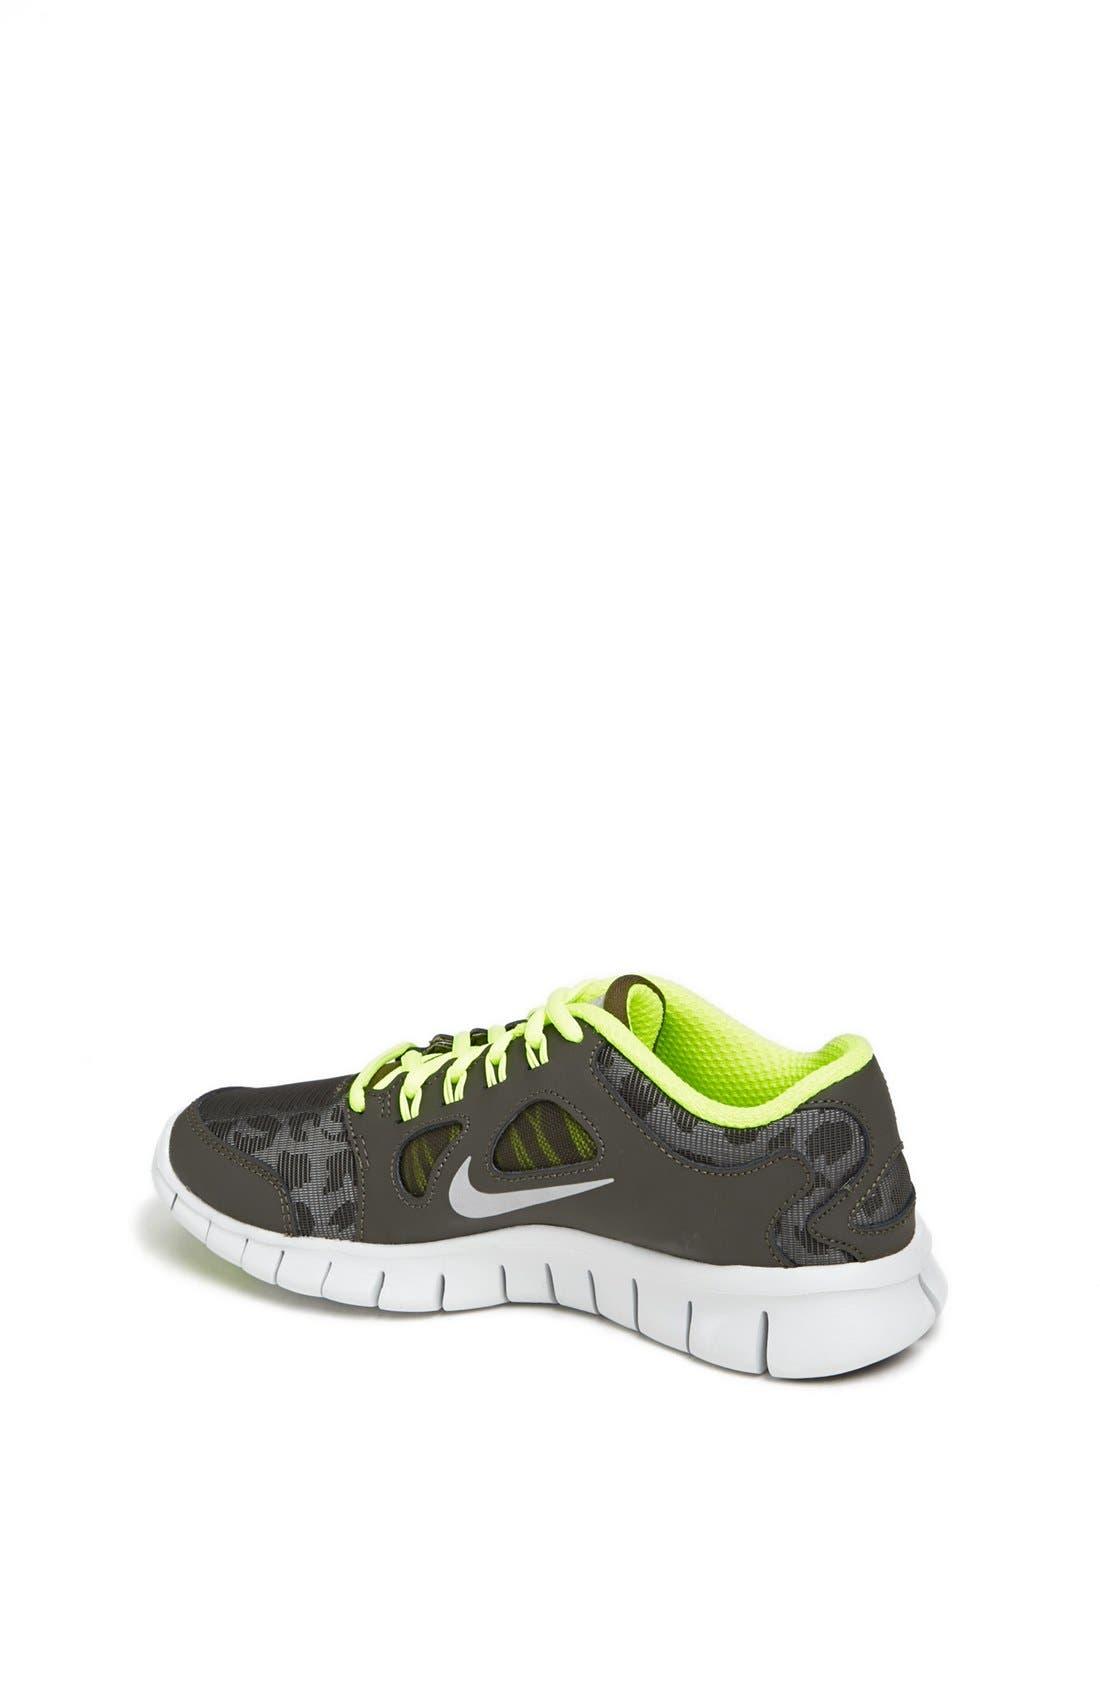 Alternate Image 2  - Nike 'Free 5.0 Shield' Running Shoe (Big Kid)